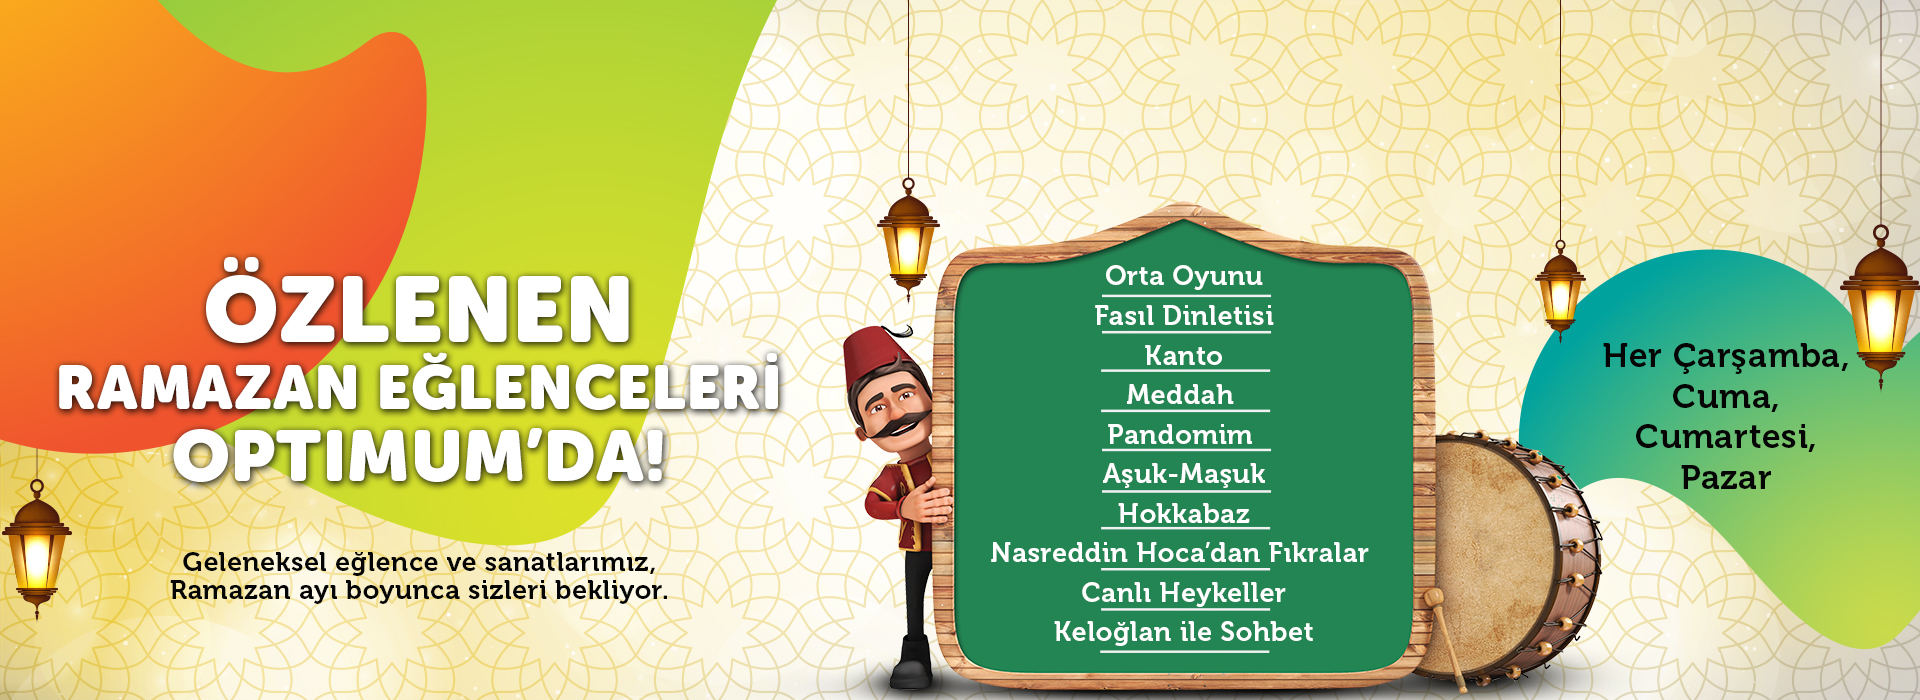 Özlenen Ramazan Eğlenceleri Optimum'da!